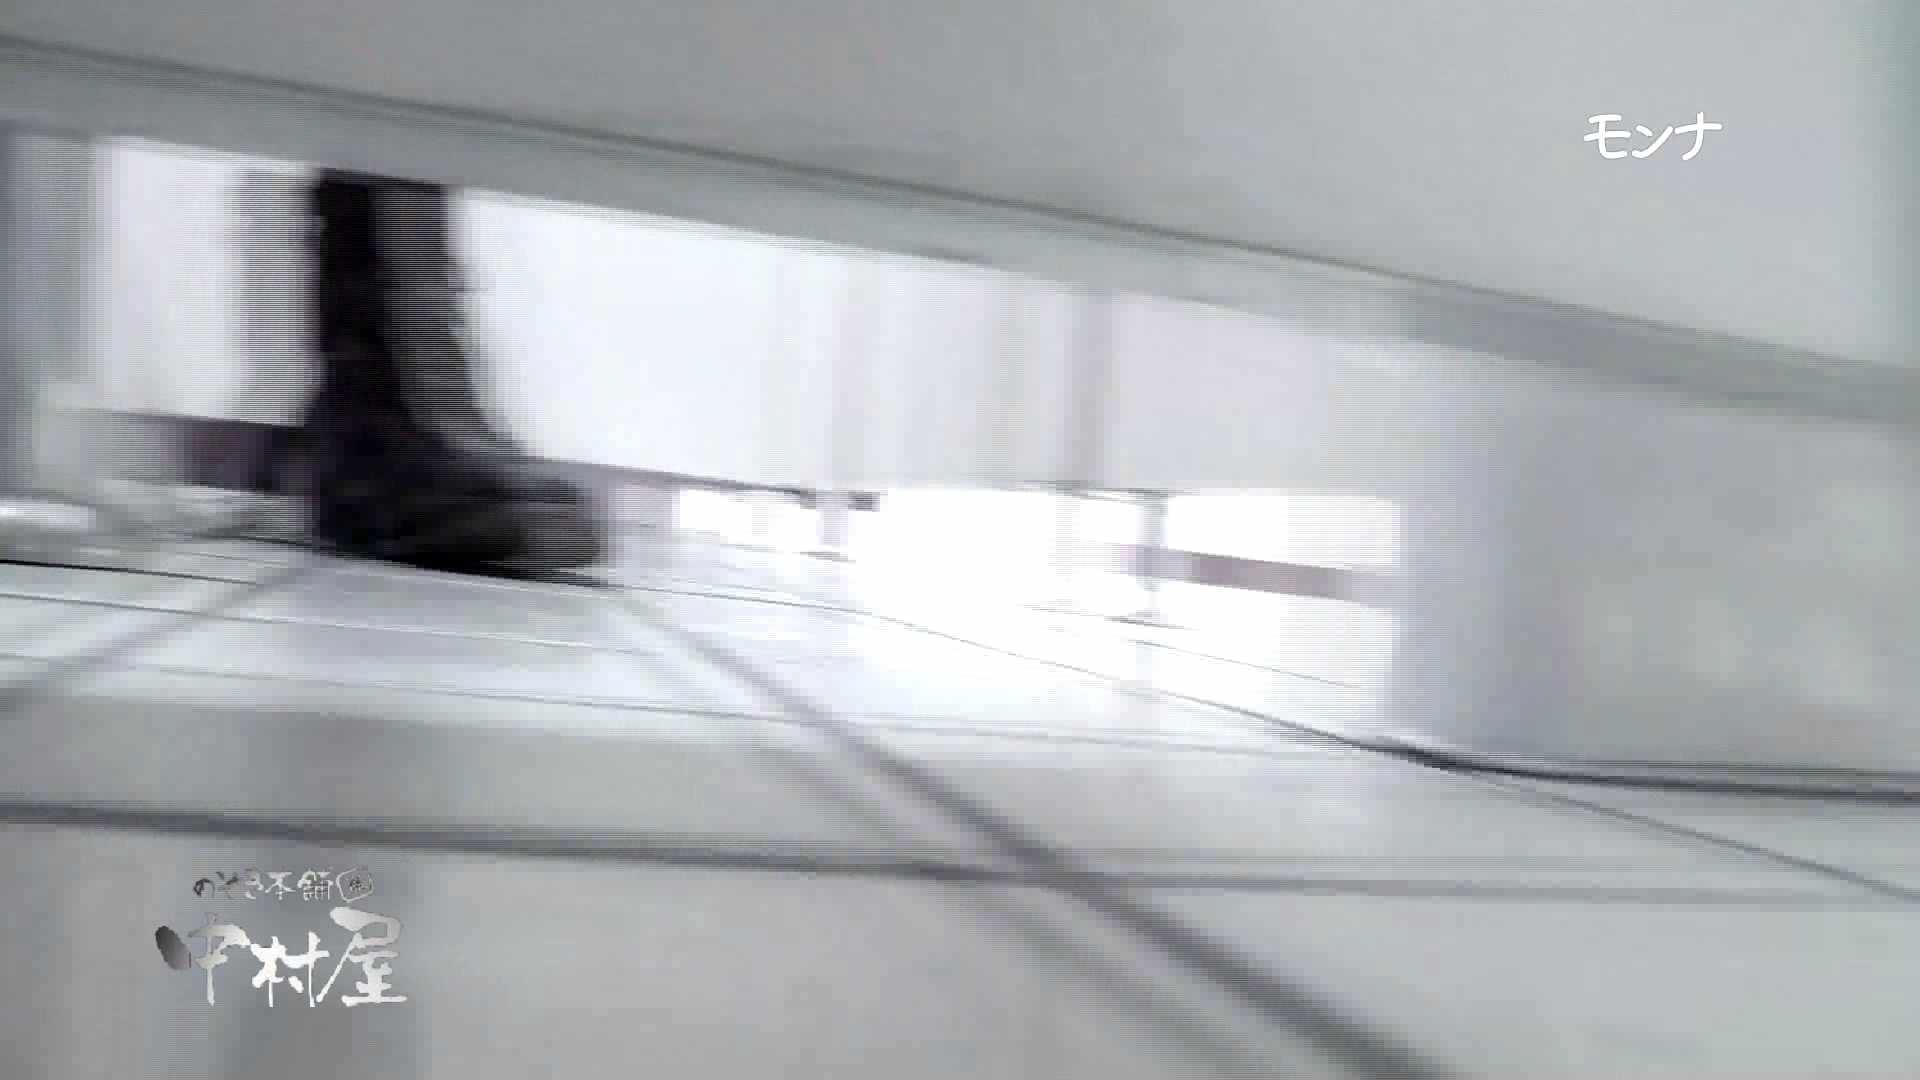 【美しい日本の未来】新学期!!下半身中心に攻めてます美女可愛い女子悪戯盗satuトイレ後編 トイレ われめAV動画紹介 100PIX 38